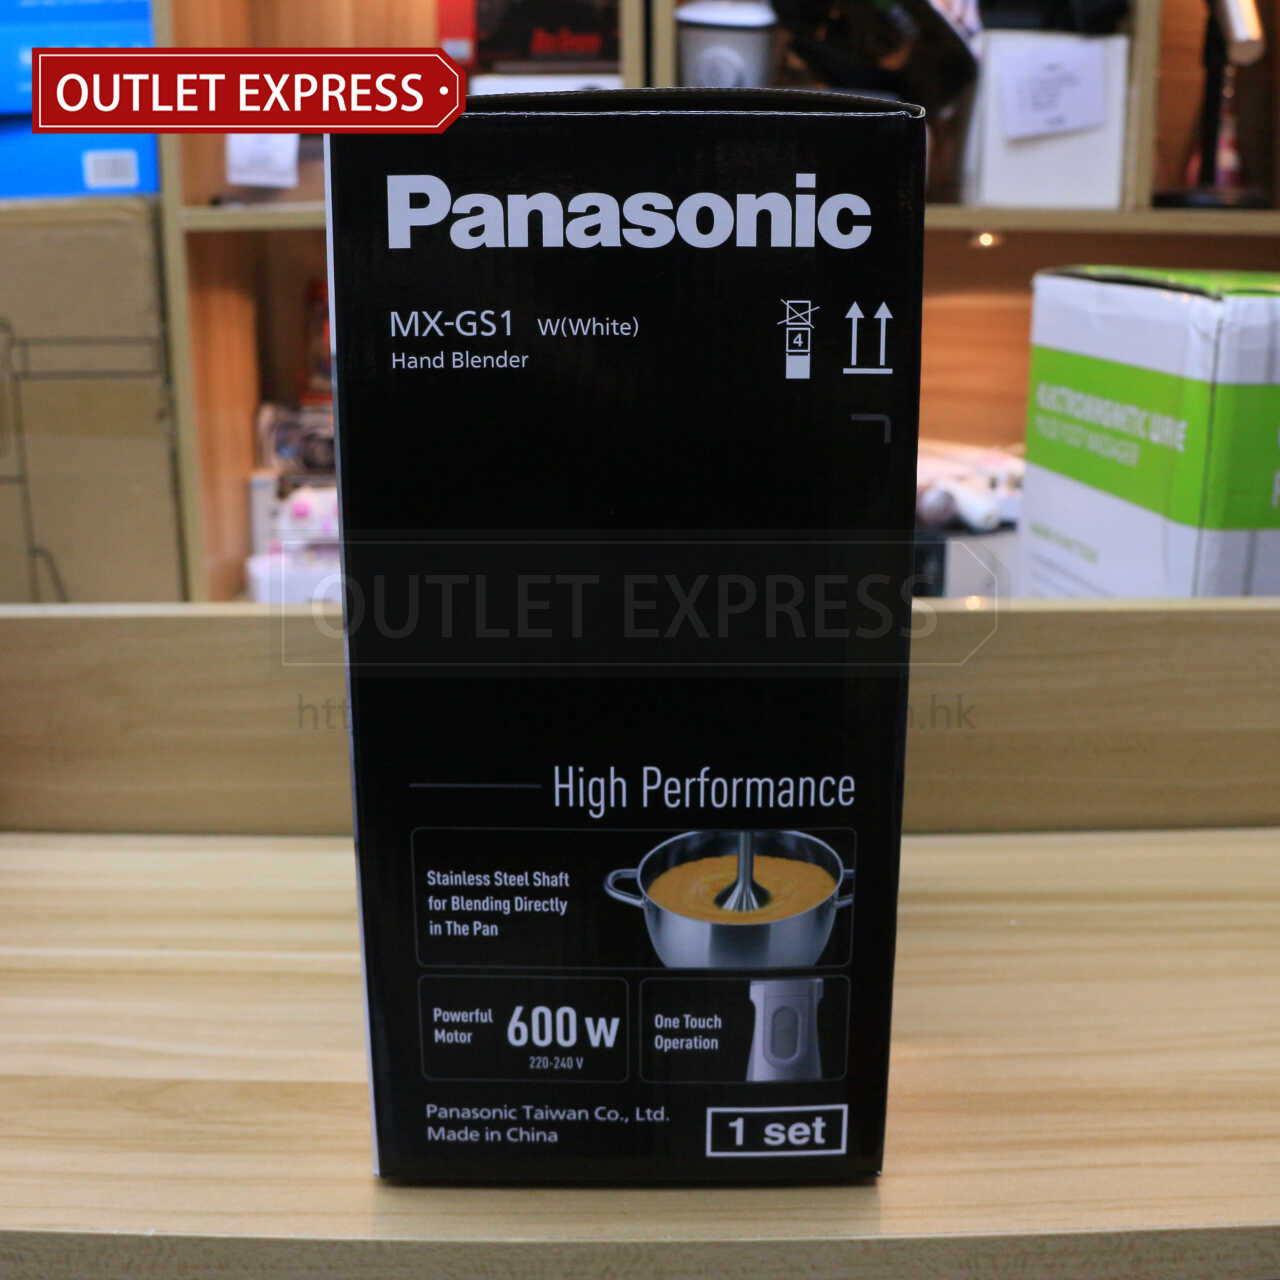 樂聲 Panasonic MX-GS1 手提攪拌機- Outlet Express HK生活百貨城實拍相片